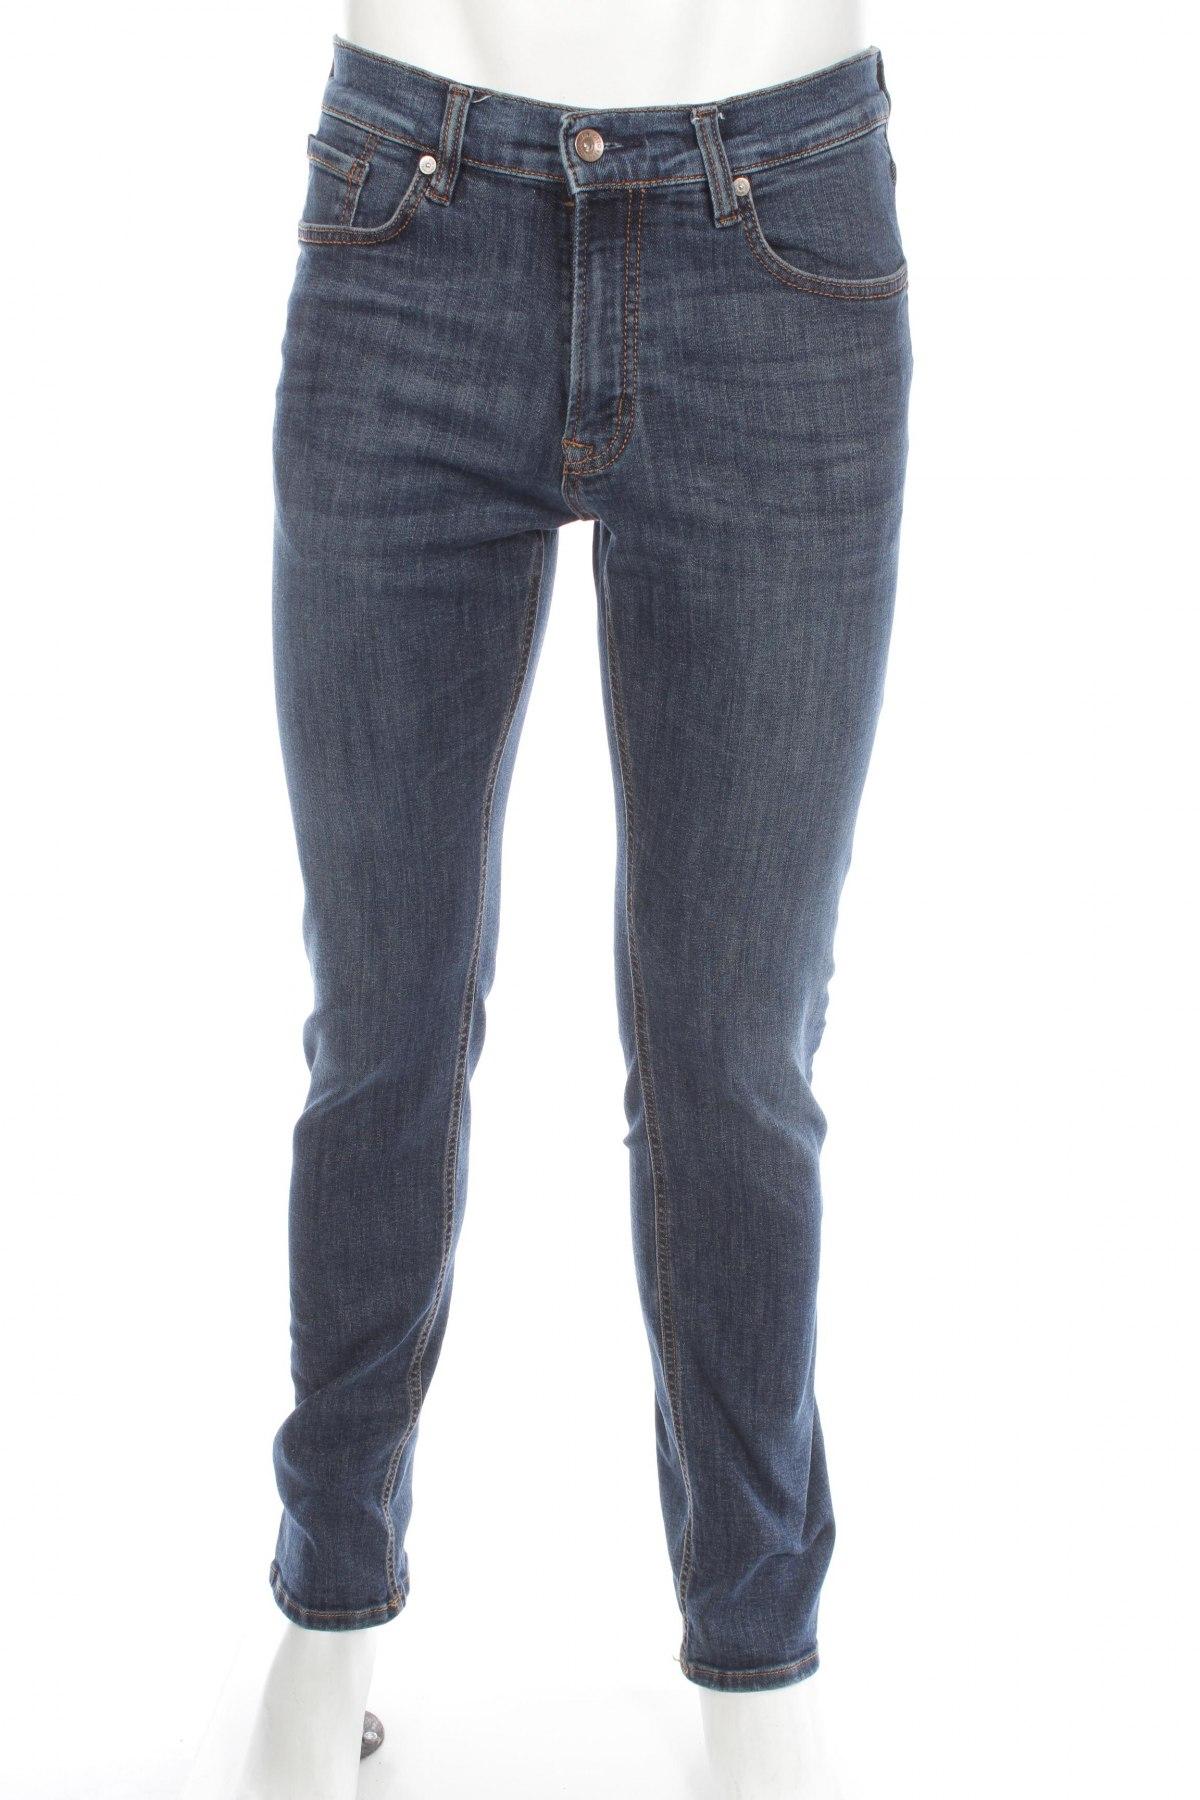 neues Erscheinungsbild Durchsuchen Sie die neuesten Kollektionen elegante Form Herren Jeans Otto Kern